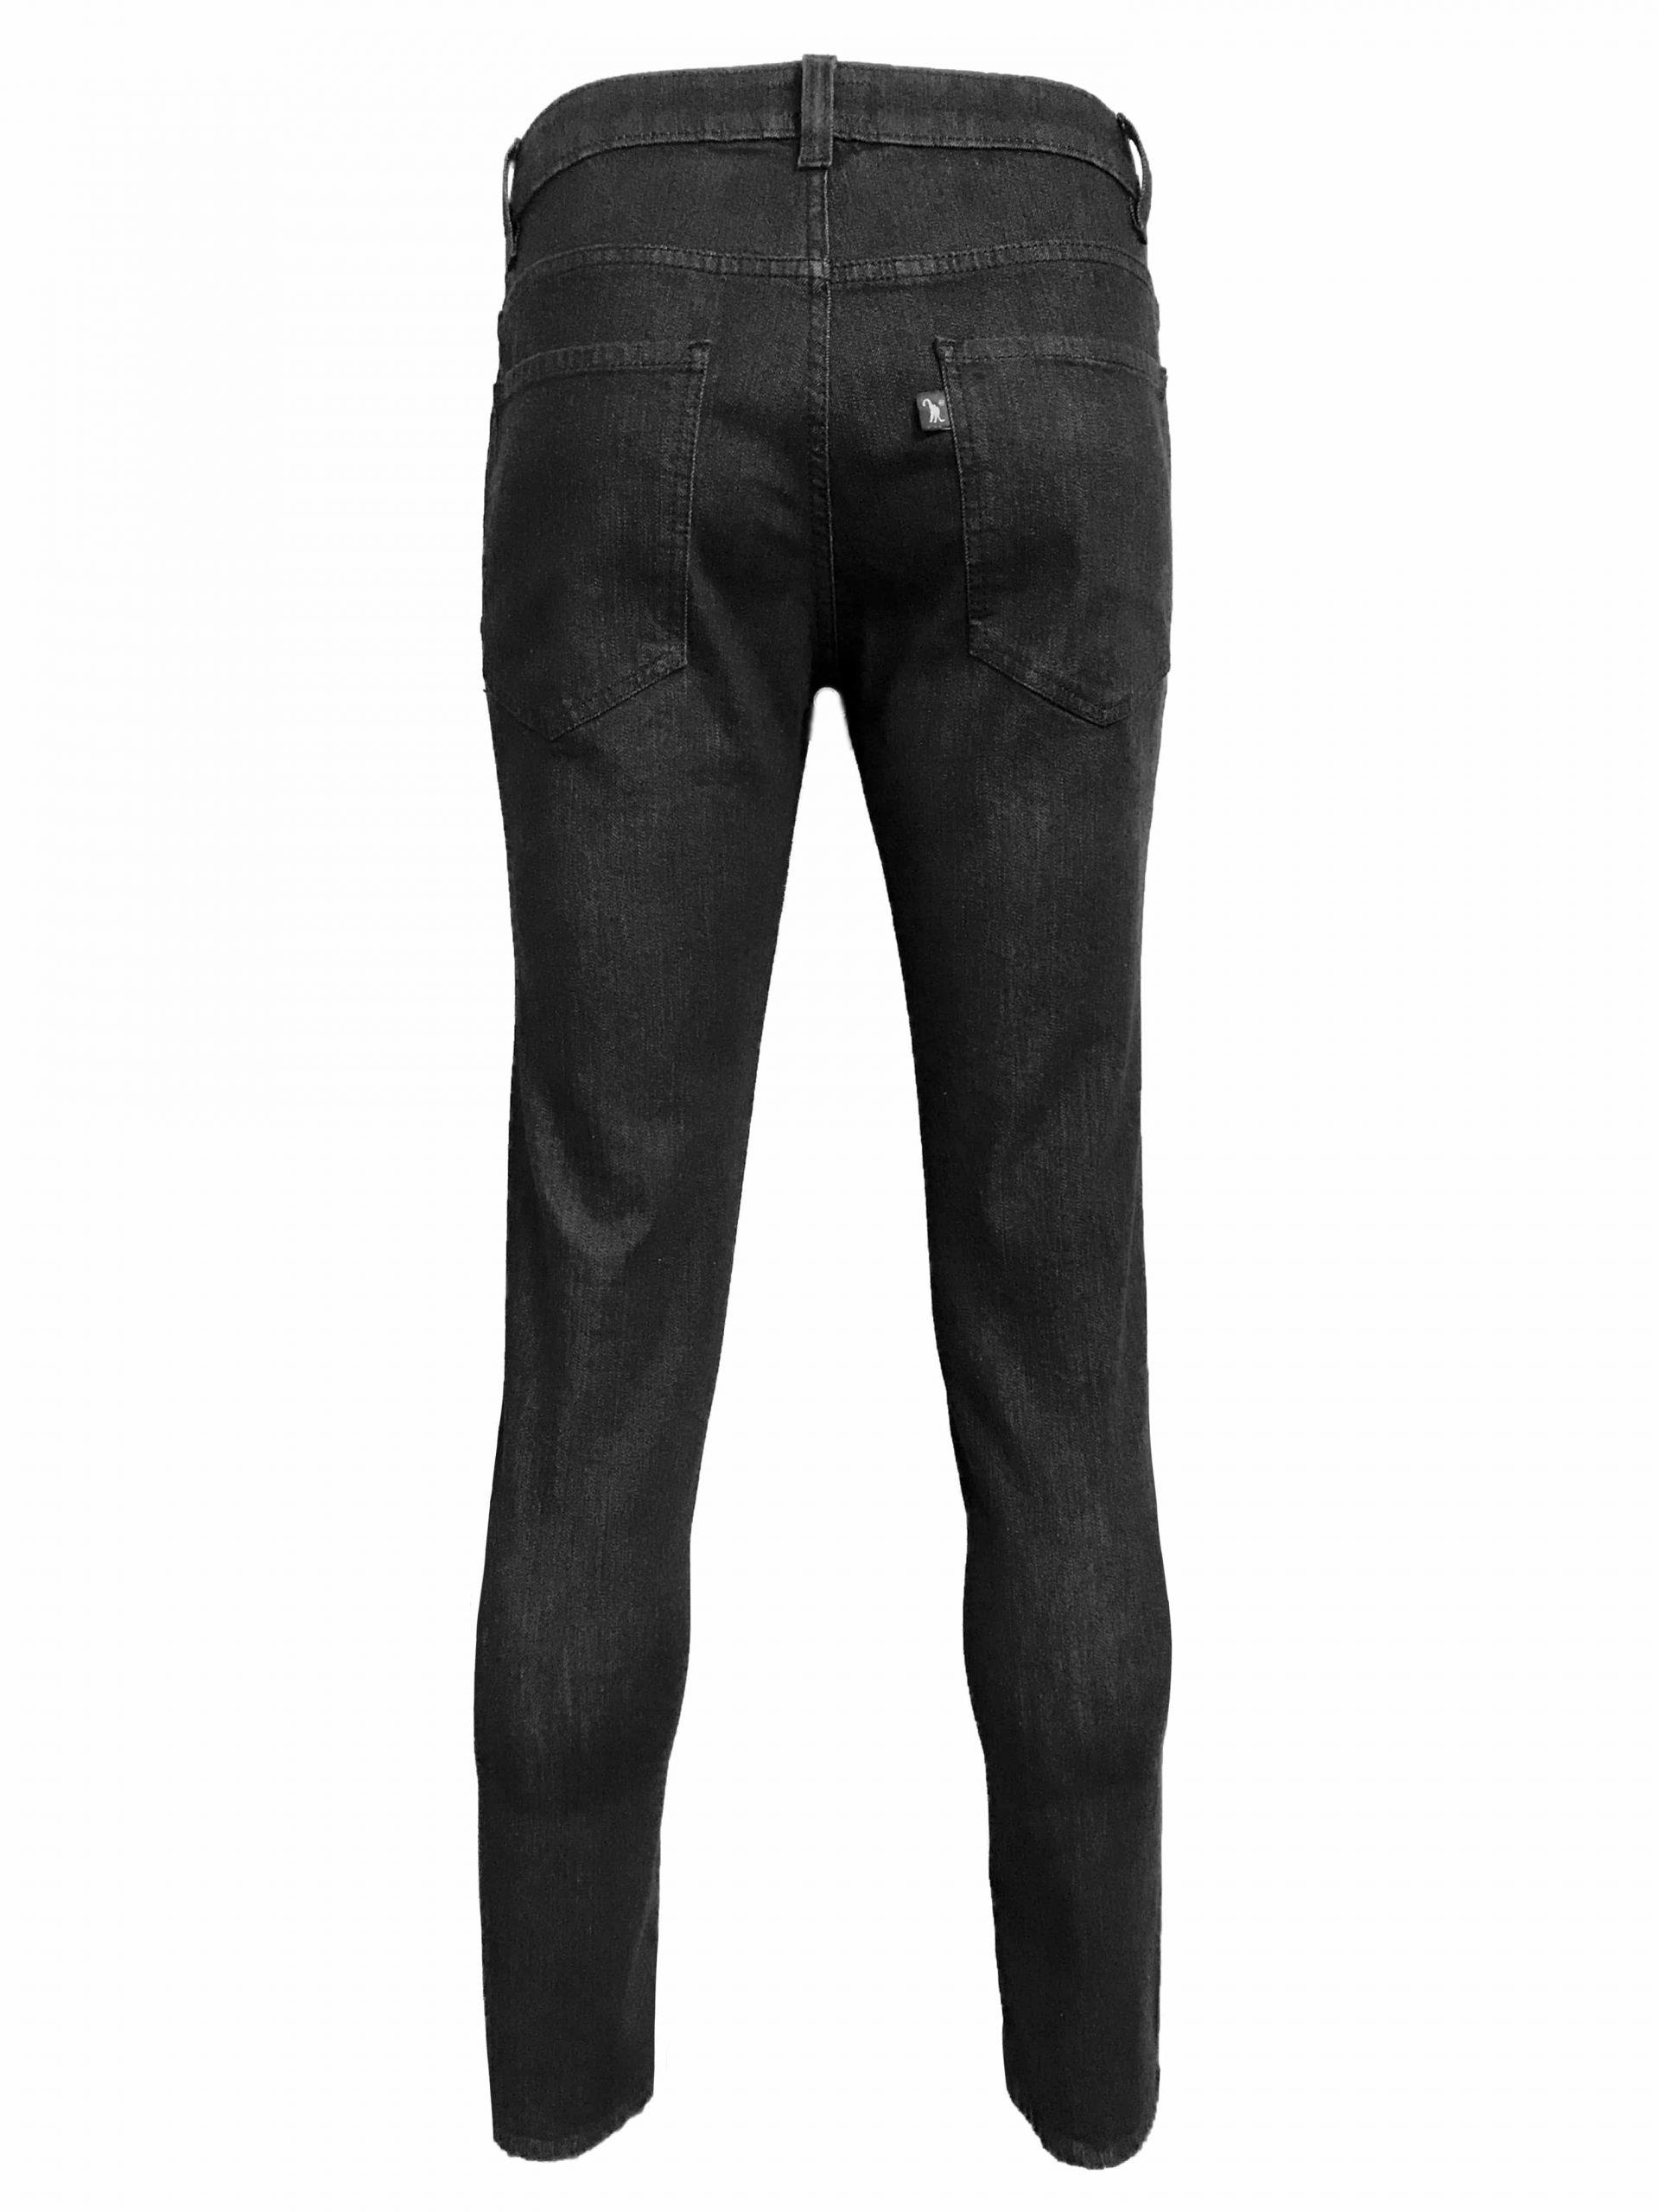 Q1 PANT BLACK 2